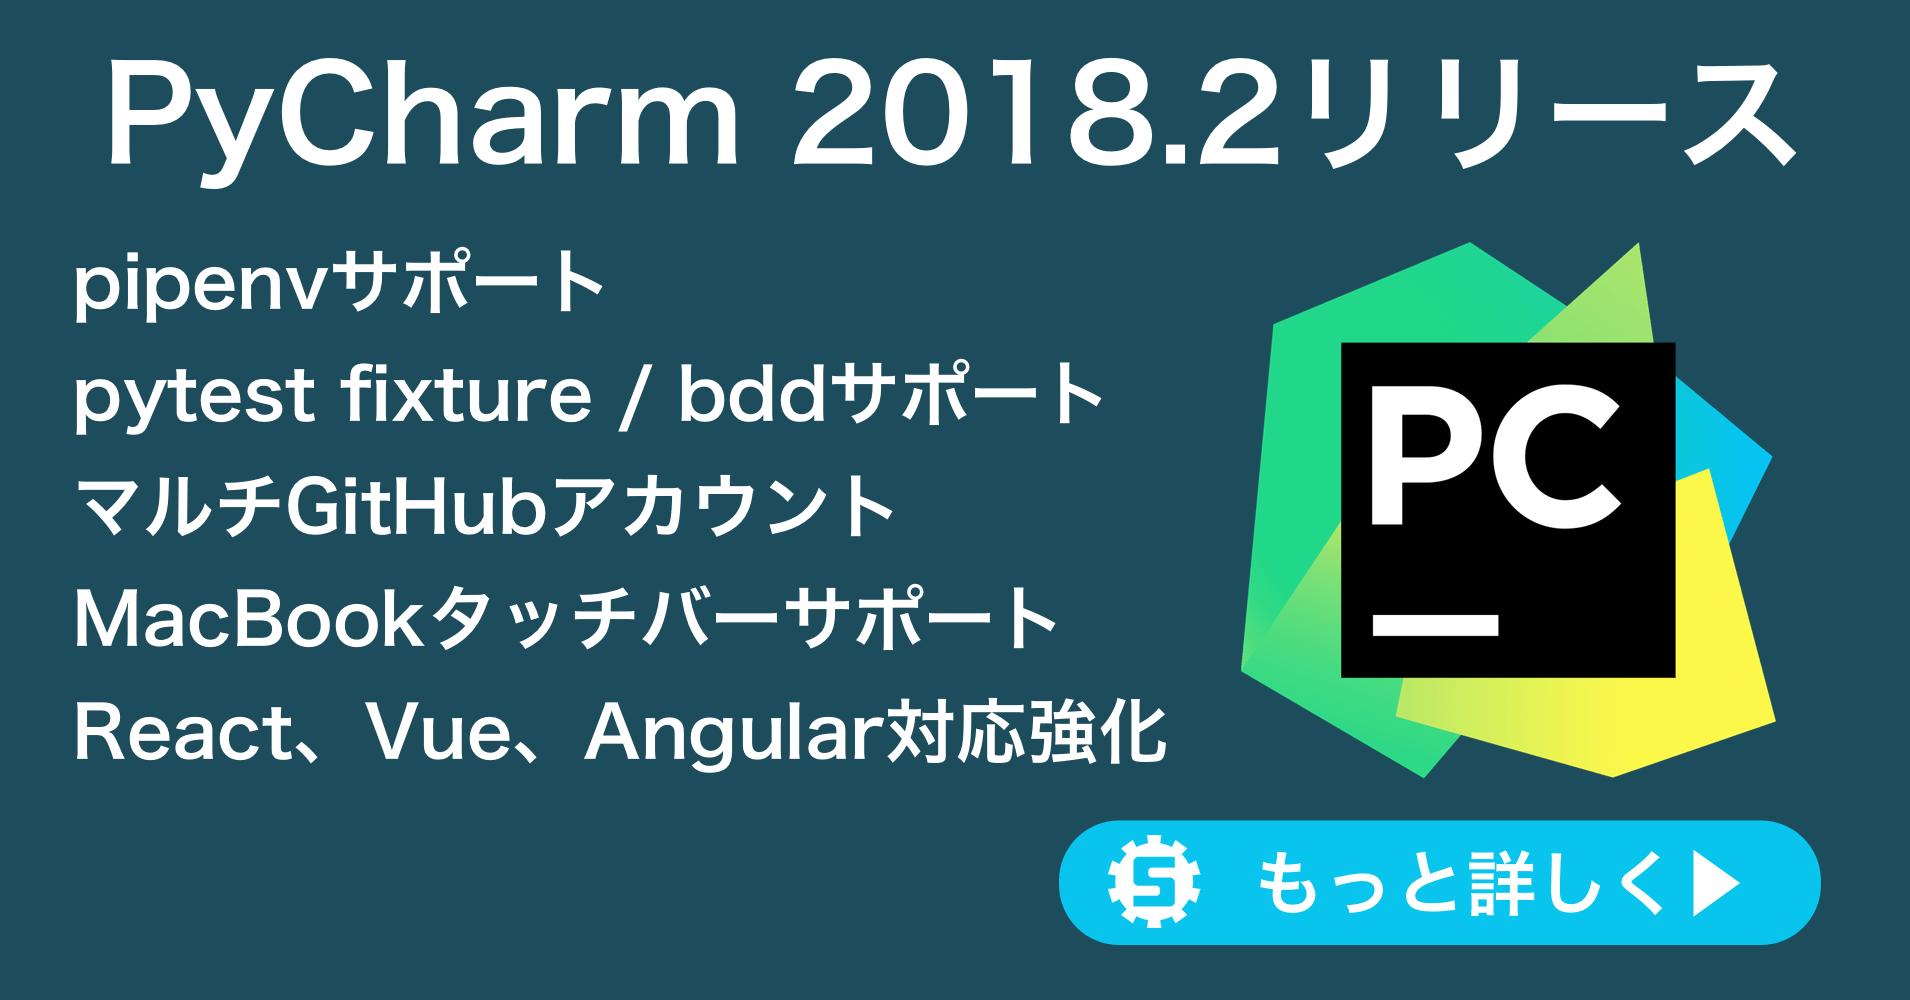 PyCharm 2018.2の新機能